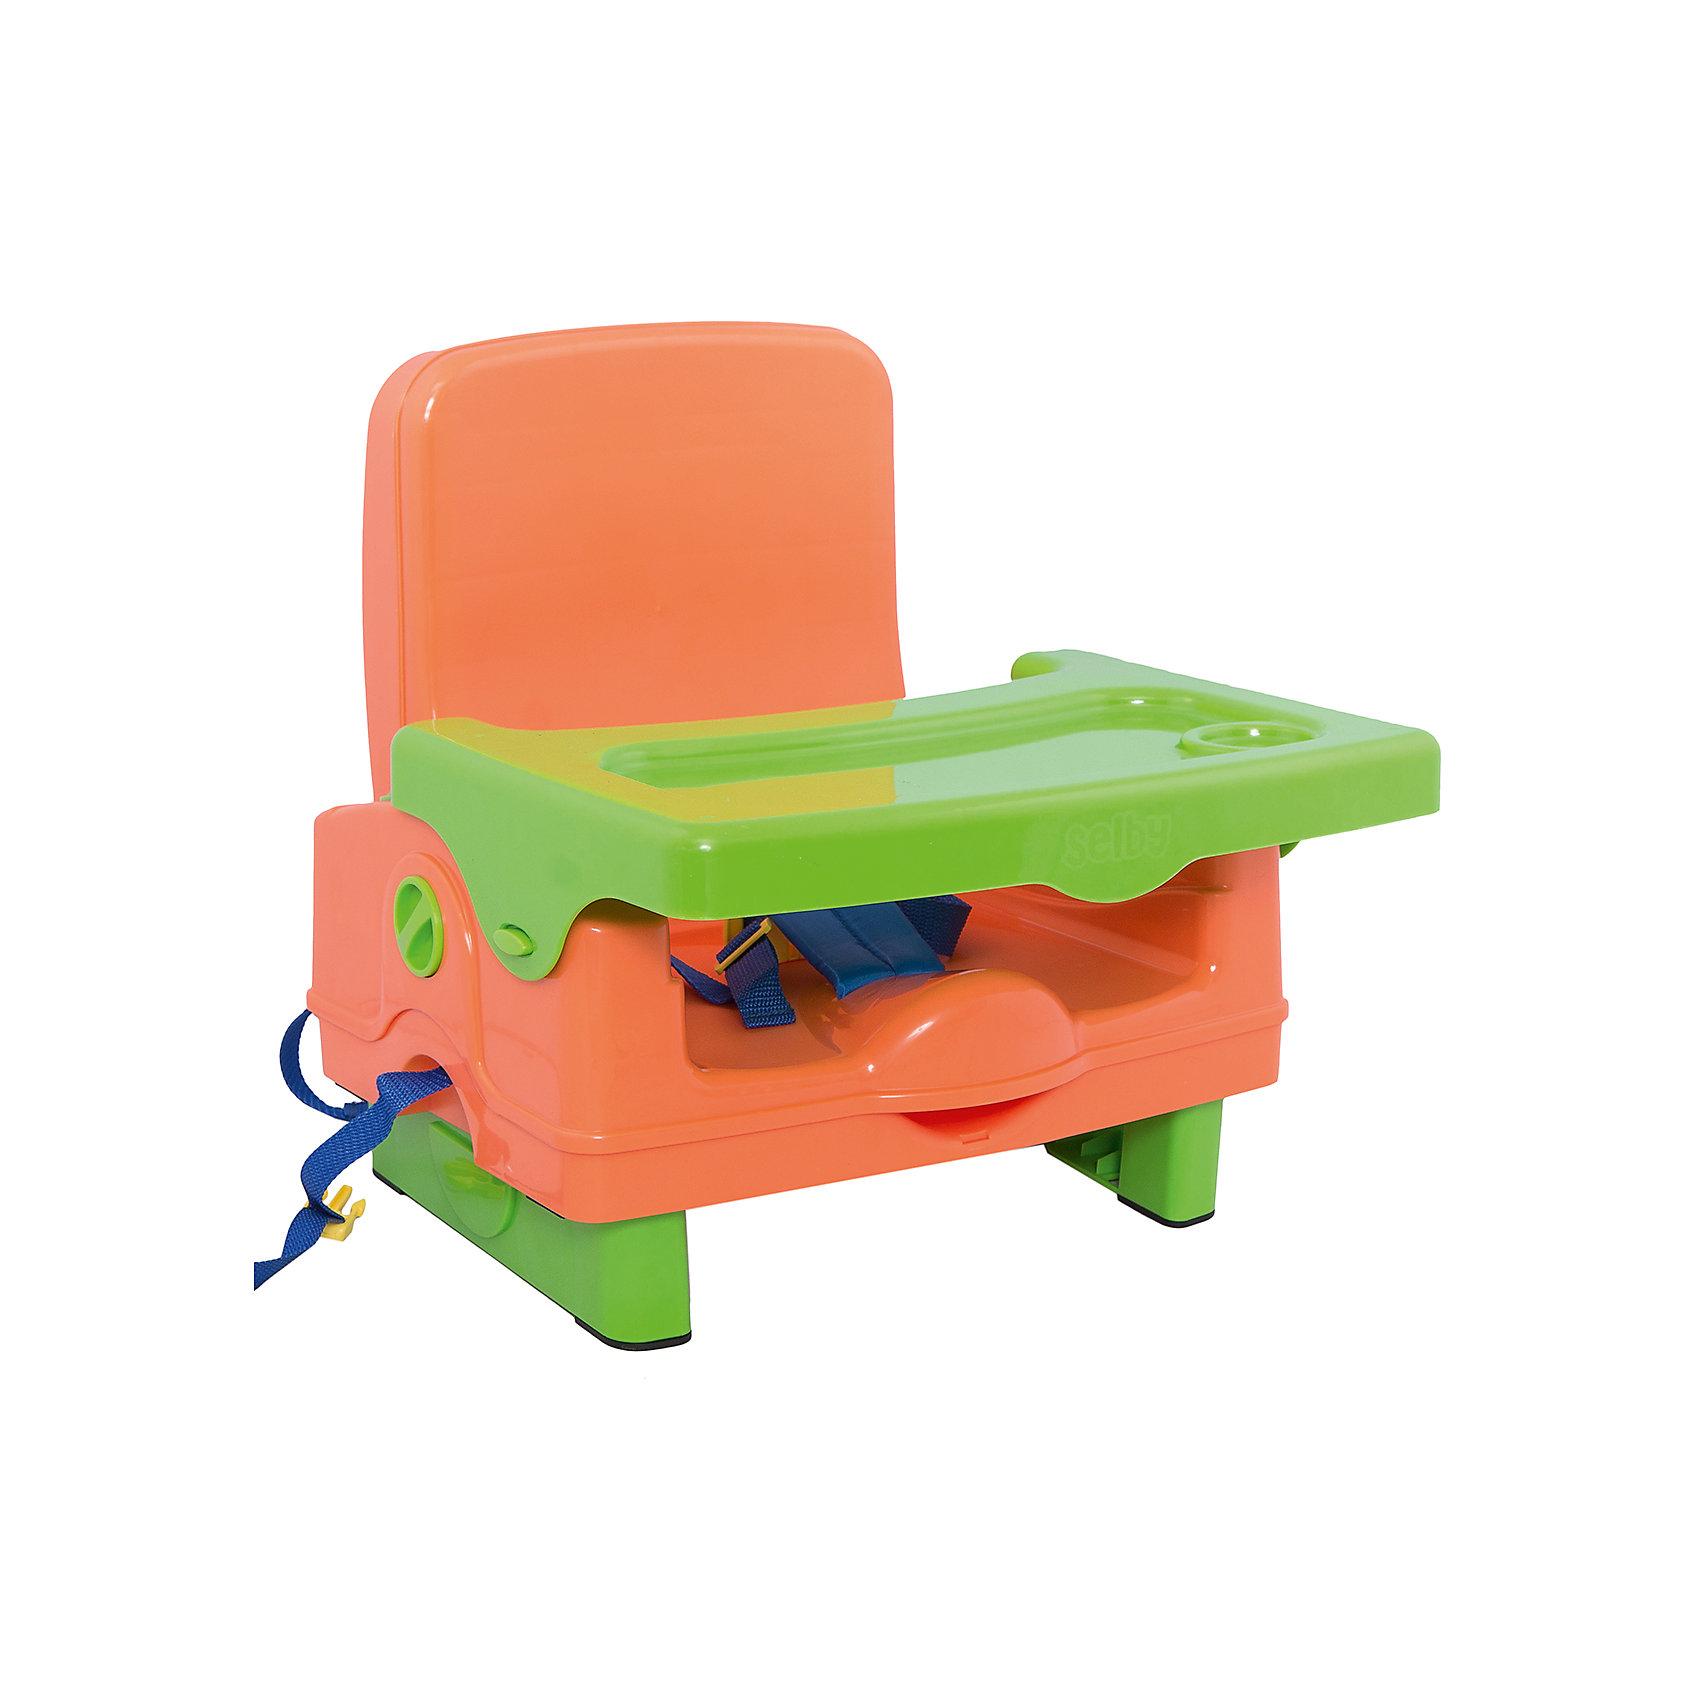 Стульчик для кормления BH-410 Selby, оранжевый/зеленыйУдобный стульчик для кормления оснащен трехточечными  ремнями безопасности и надежными ремнями для крепления к стулу. Имеет дополнительный ящик для мелочей на спинке, складывается в удобный чемоданчик. Стульчик выполнен из высококачественного прочного и легкого пластика, его удобно брать с собой в поездки и путешествия. <br><br>Дополнительная информация:<br><br>- Материал: пластик, ПЭ.<br>- Размер: 37 х 33х 39 см.<br>- Вес: 3 кг.<br>- Трехточечный  ремень безопасности.<br>- Надежные ремни для крепления к стулу.<br>- Складывается в удобный чемоданчик.<br>- Дополнительный ящик для мелочей на спинке.<br>- Съемный  столик  с углублениями для посуды<br><br>Внимание! Основным является первое фото, последующие фотографии размещены с целью показать функционал данной модели.<br><br>Стульчик для кормления BH-410 Selby, можно купить в нашем магазине.<br><br>Ширина мм: 370<br>Глубина мм: 330<br>Высота мм: 390<br>Вес г: 3000<br>Возраст от месяцев: 6<br>Возраст до месяцев: 36<br>Пол: Унисекс<br>Возраст: Детский<br>SKU: 5197370